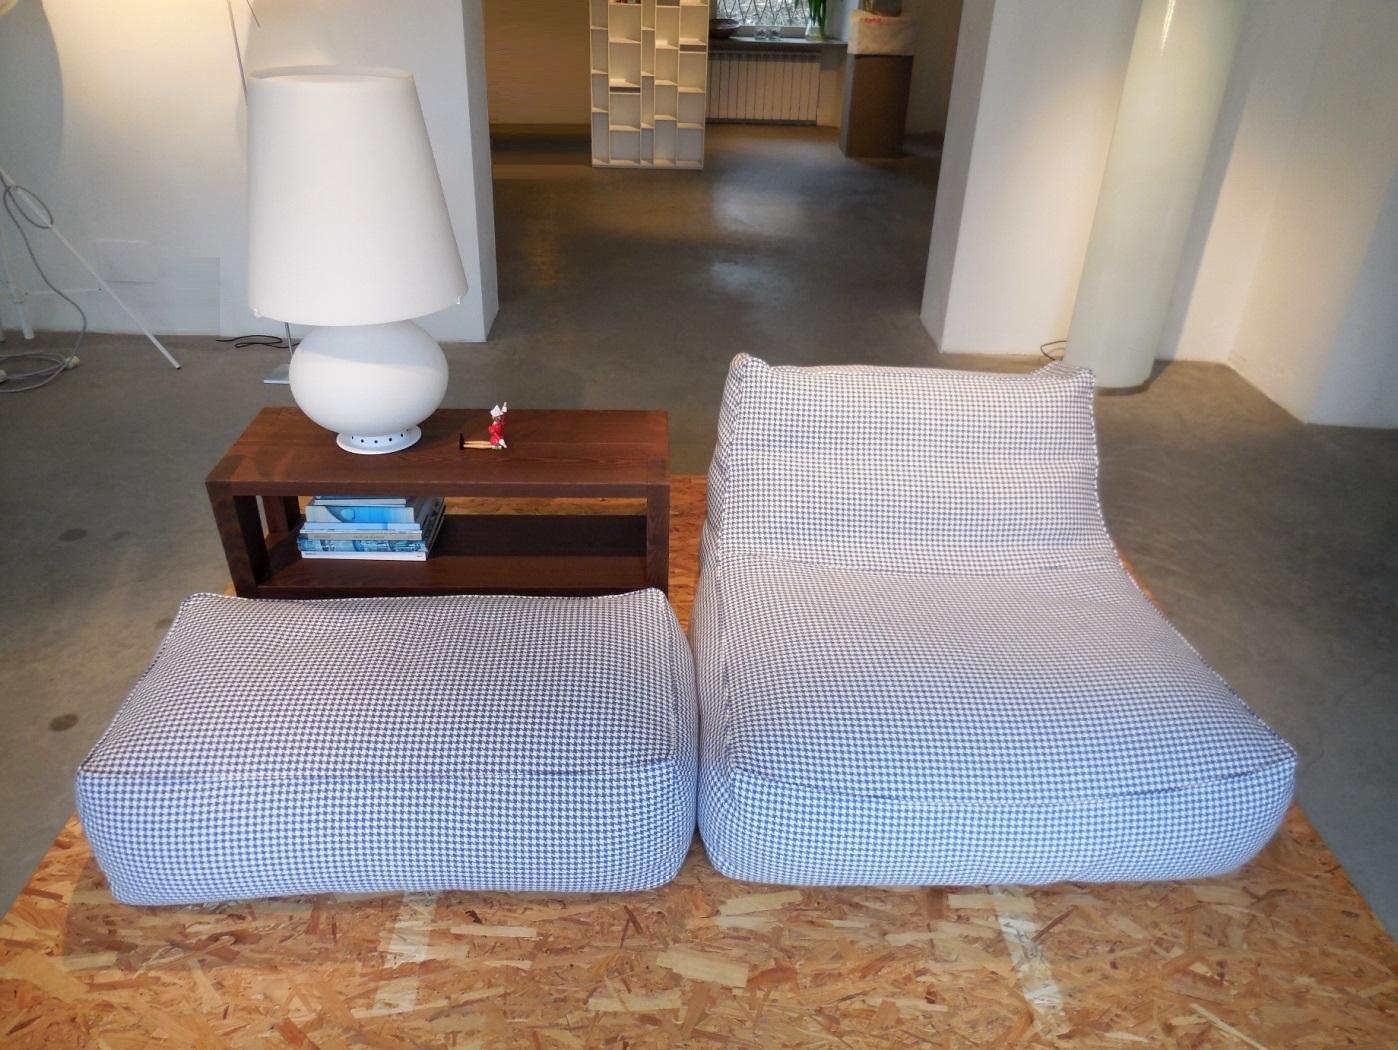 Divano verzelloni poltrona e pouff zoe verzelloni design for Divani e divani poltrone relax prezzi